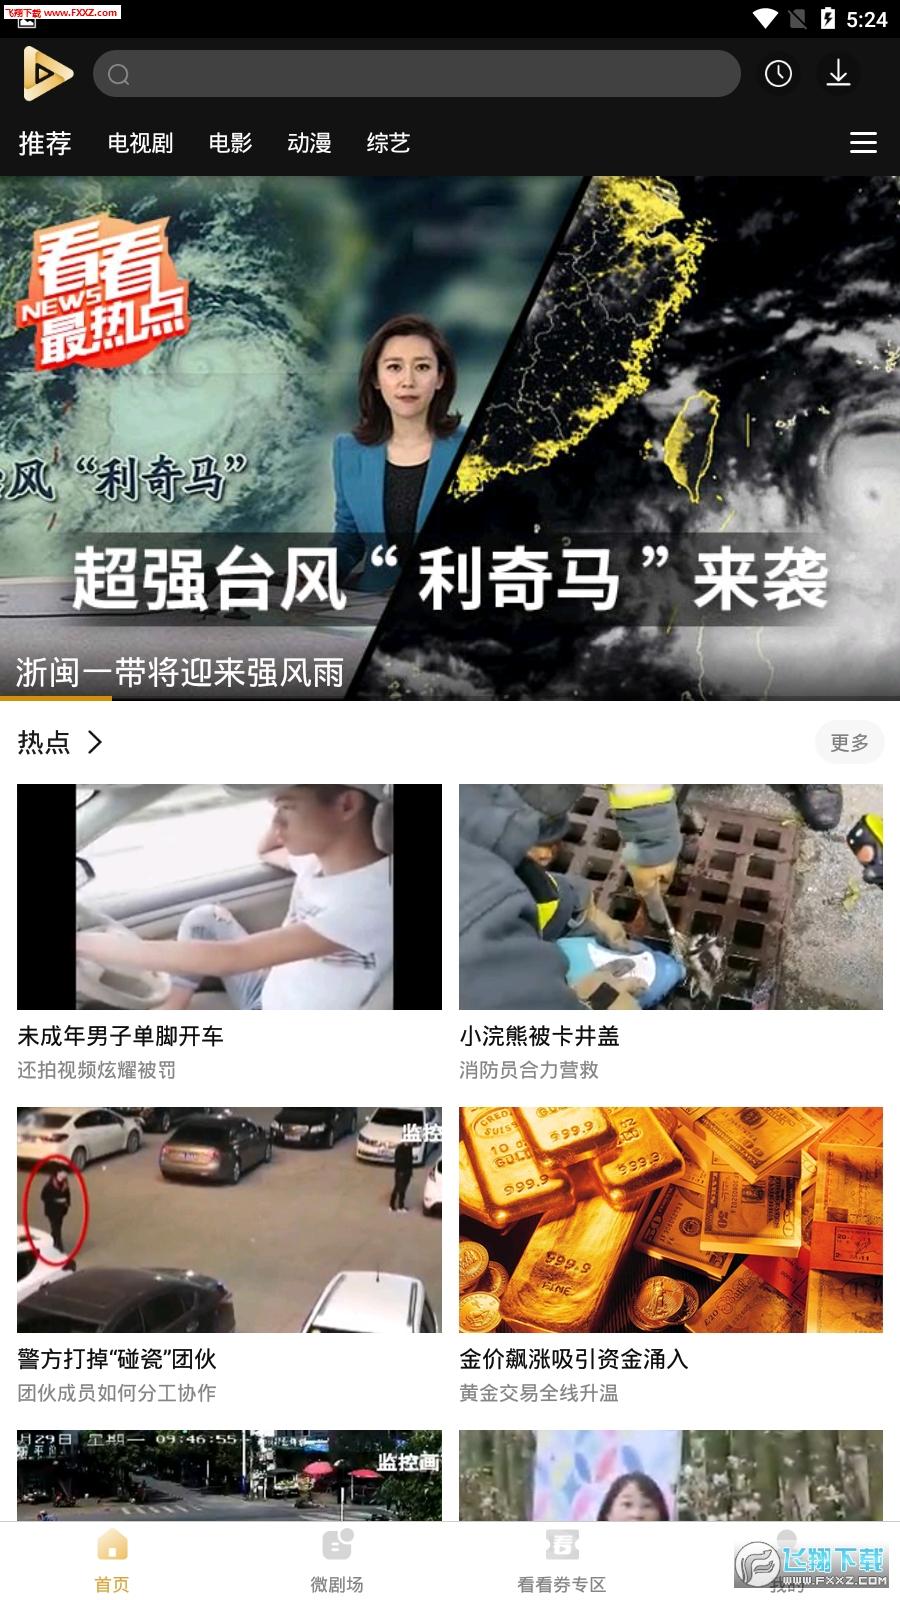 蜜瓜电影网手机在线appv7.0.3.3截图2